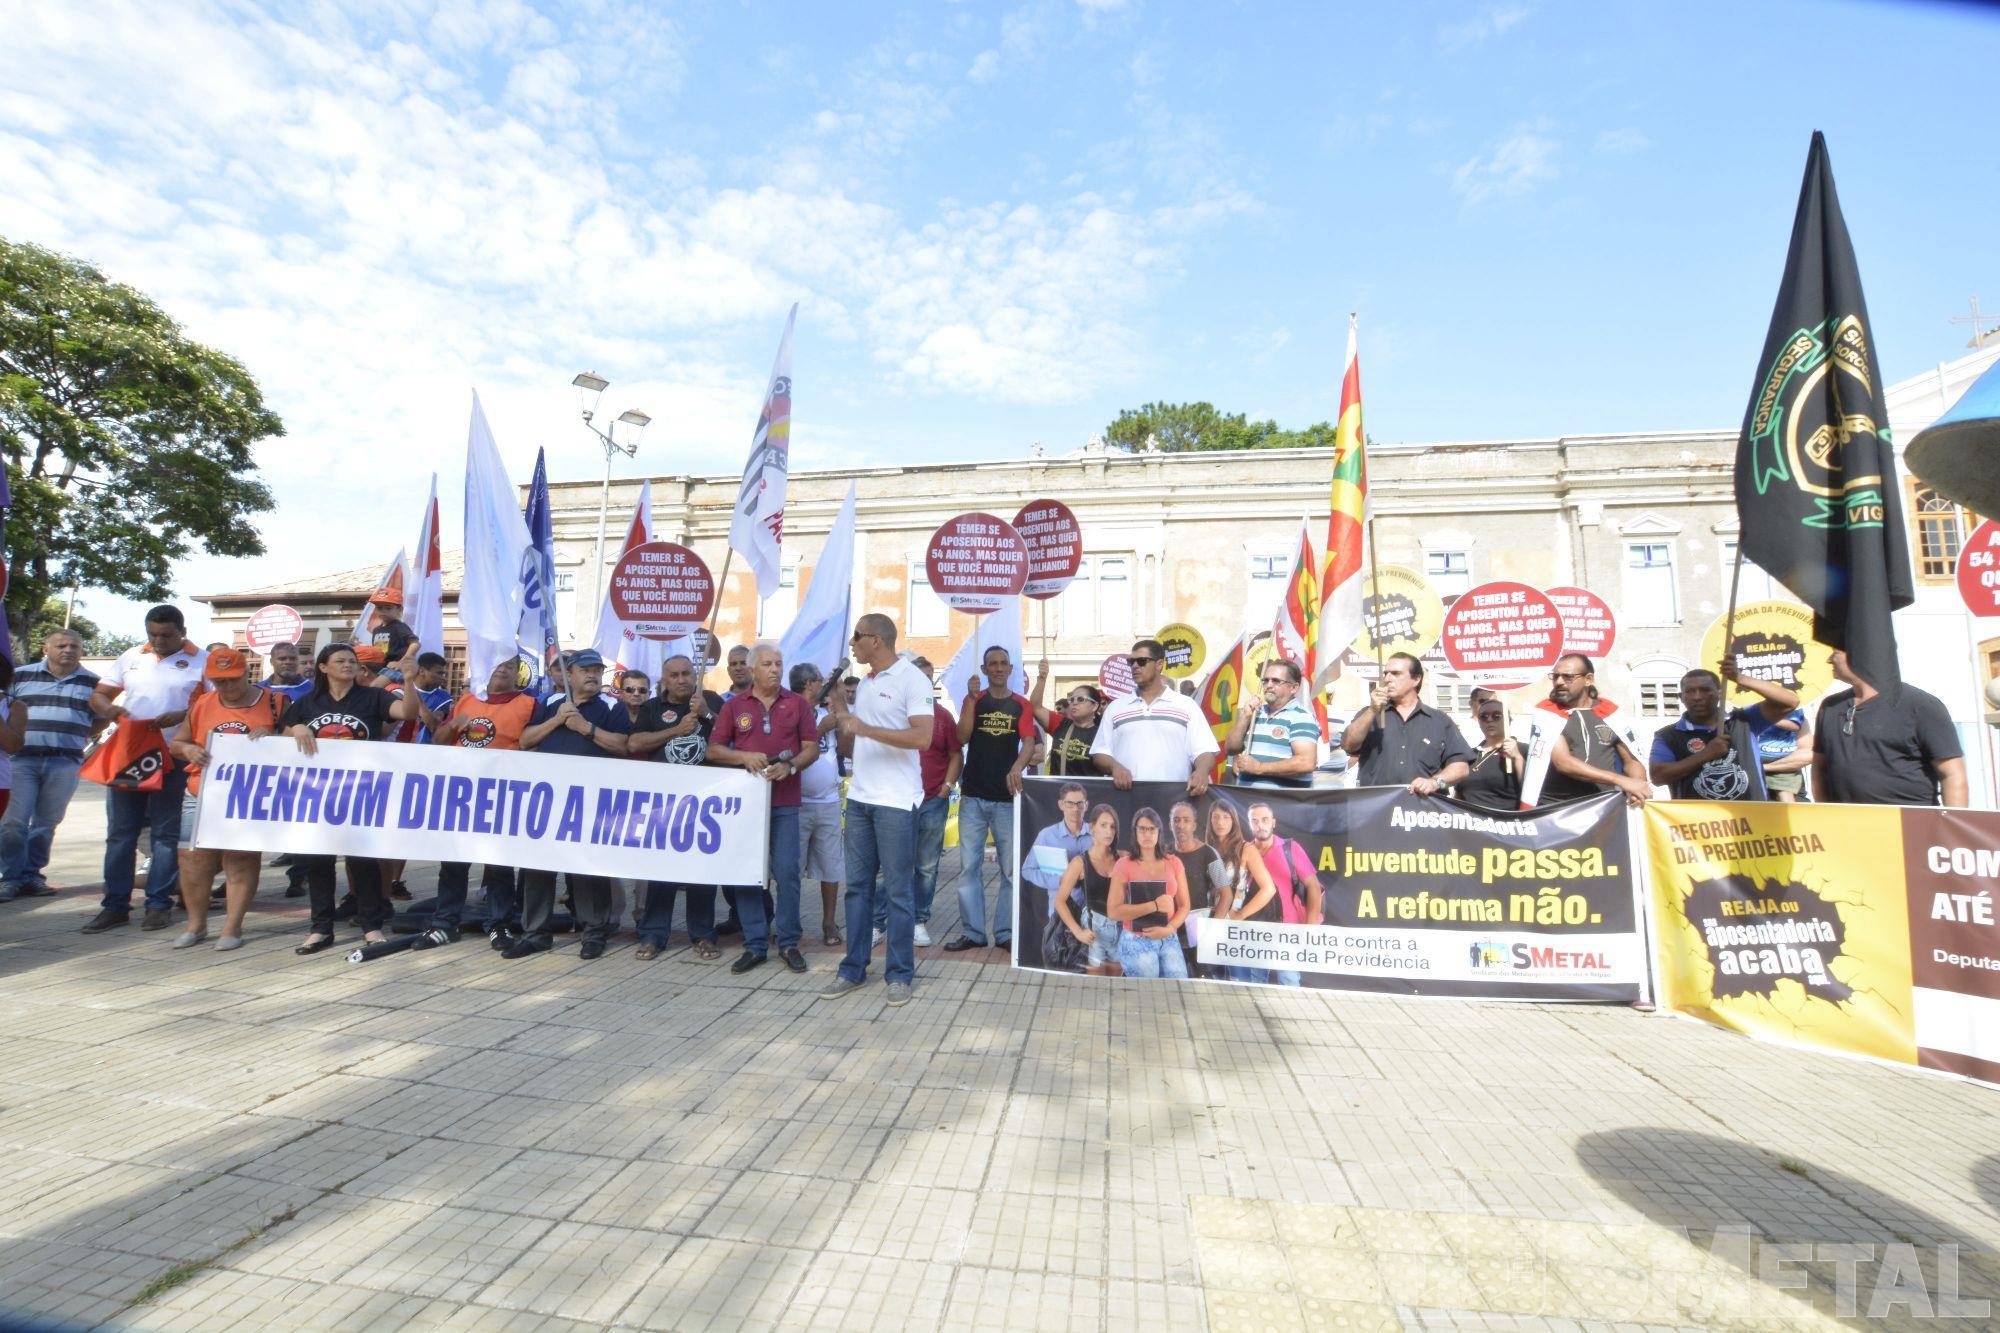 Foguinho / Imprensa SMetal, Ato contra reformas de Temer reúne sindicatos no centro